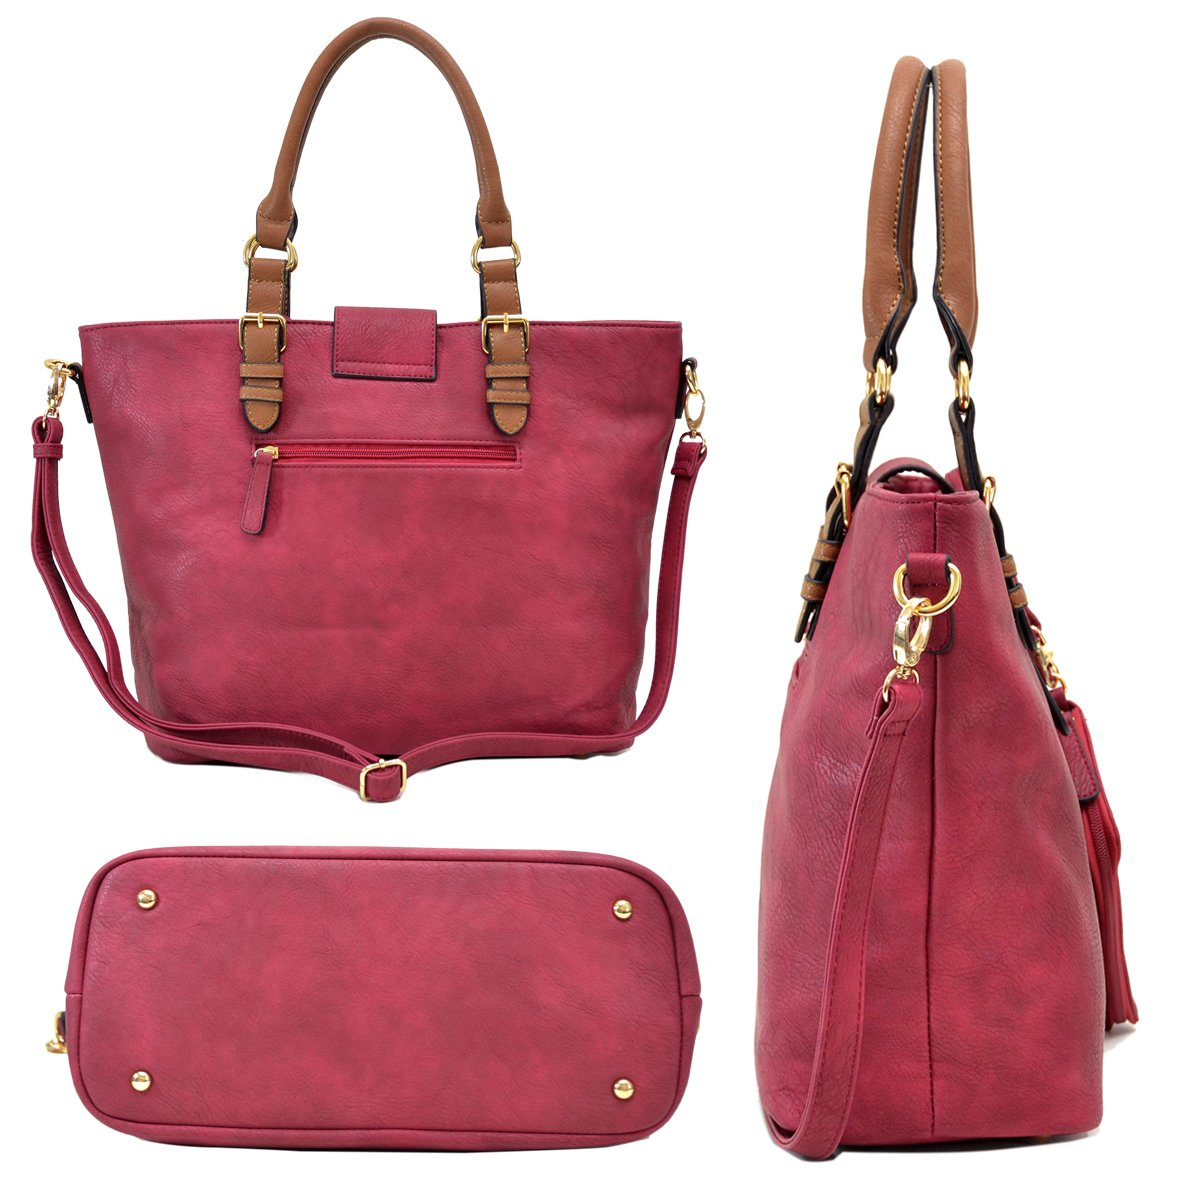 MMK collection Fashion handbag~Classic Tote bag~Holiday gift purse with Wallet~Beautiful Handbag wallet set~Crossbody handbag (MA-07-6717-BK/CF) by Marco M. Kelly (Image #7)